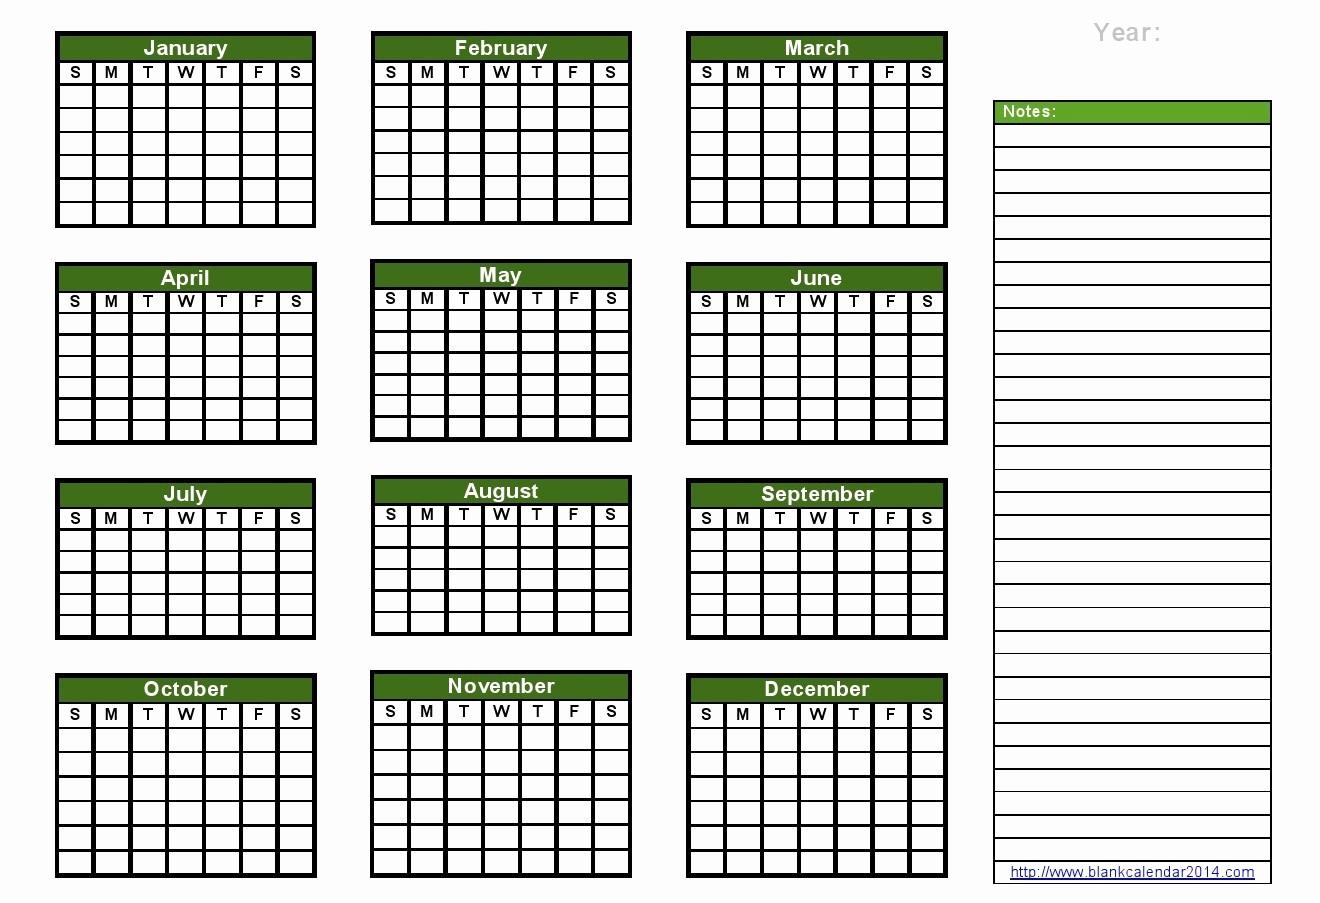 Free Editable Printable Calendar 2017 Awesome Printable Editable Calendar 2015 – 2017 Printable Calendar